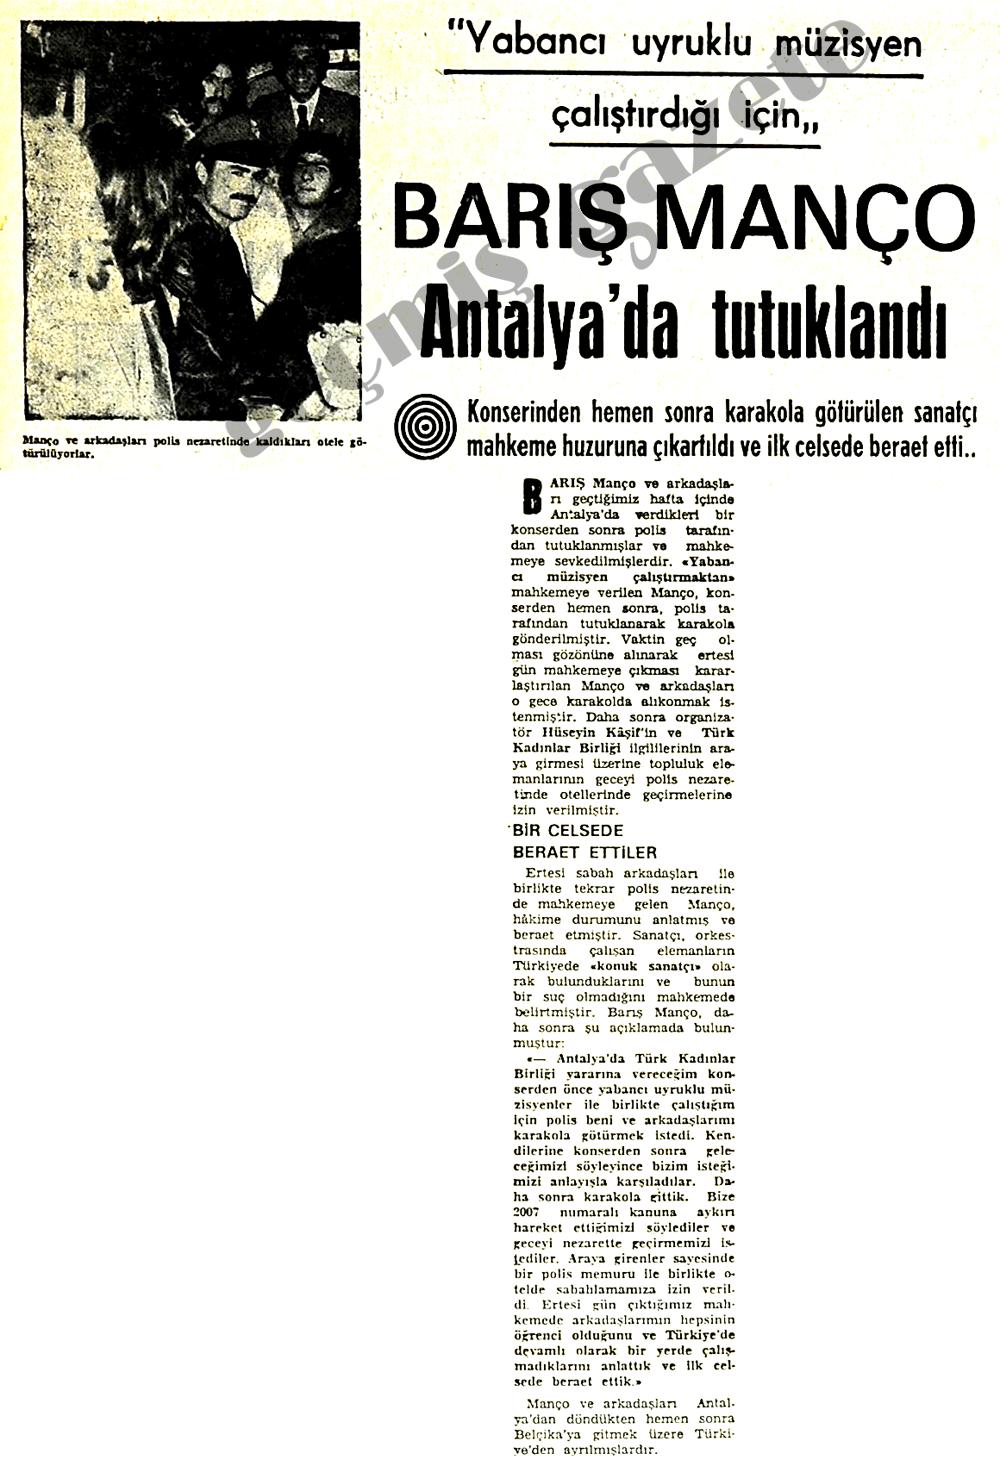 Barış Manço Antalya'da tutuklandı